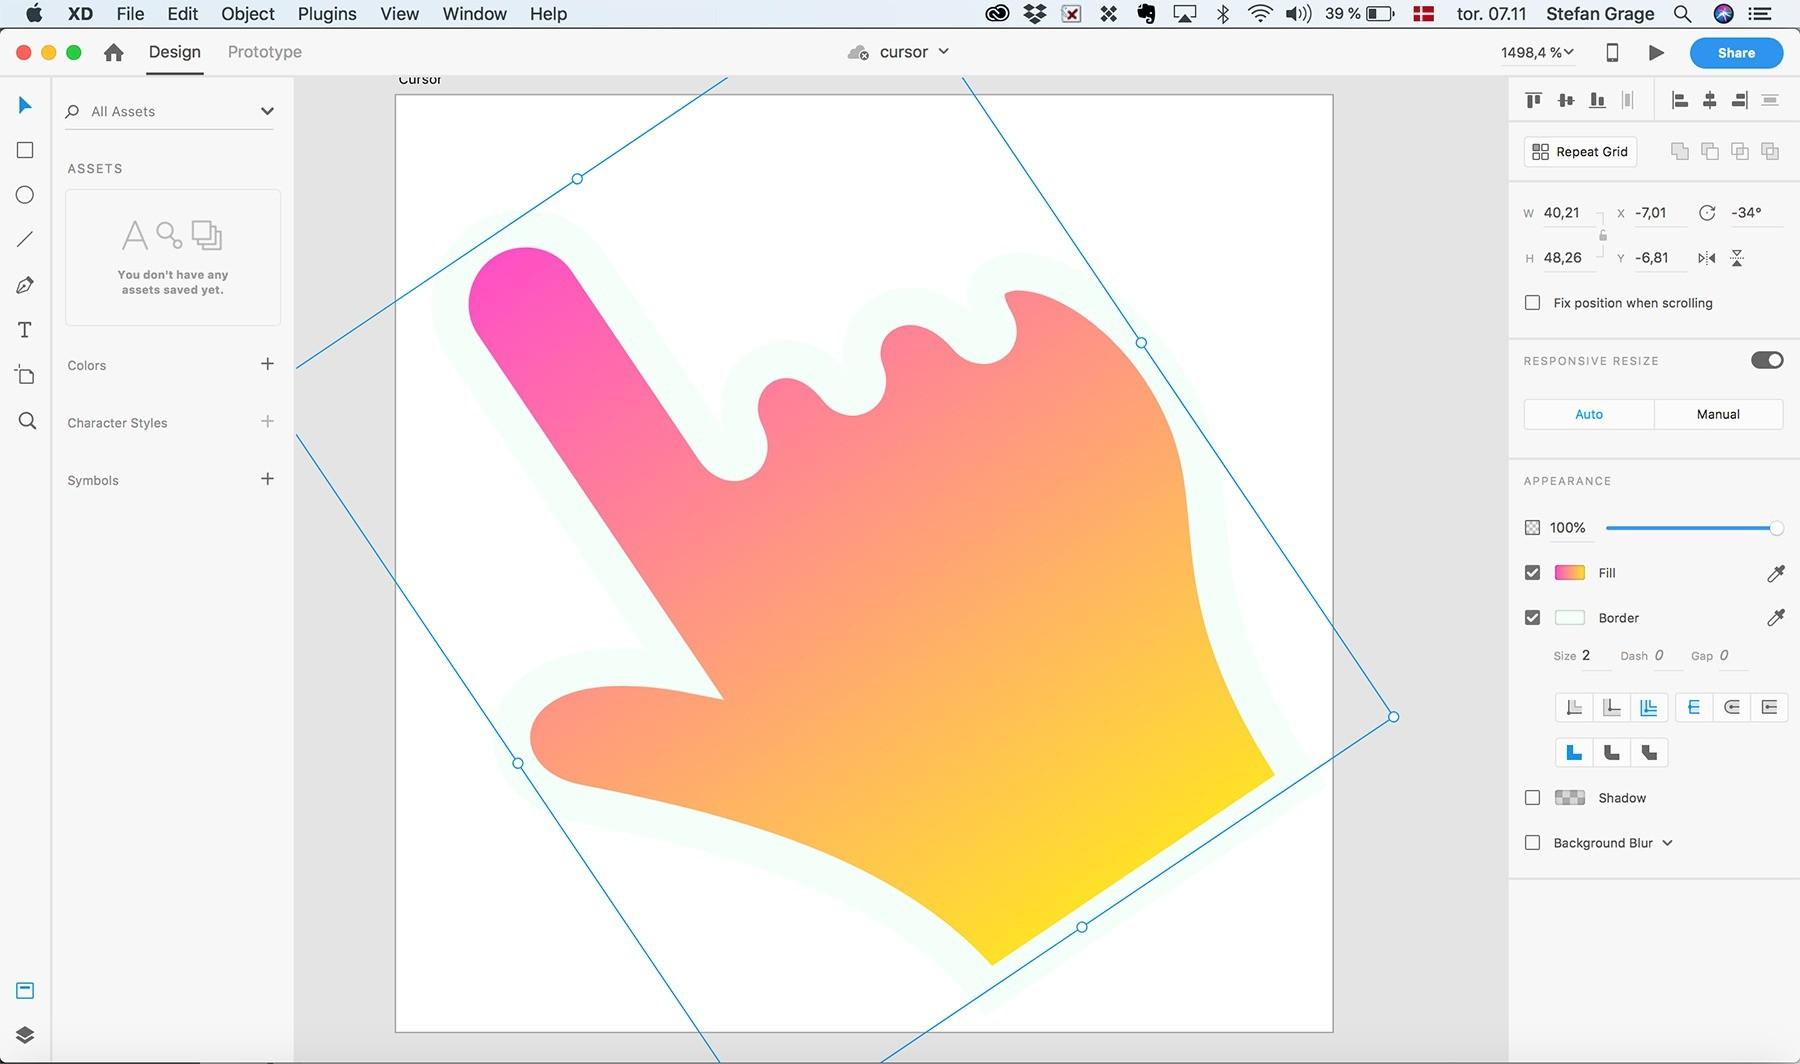 Design af custom cursor i Adobe XD